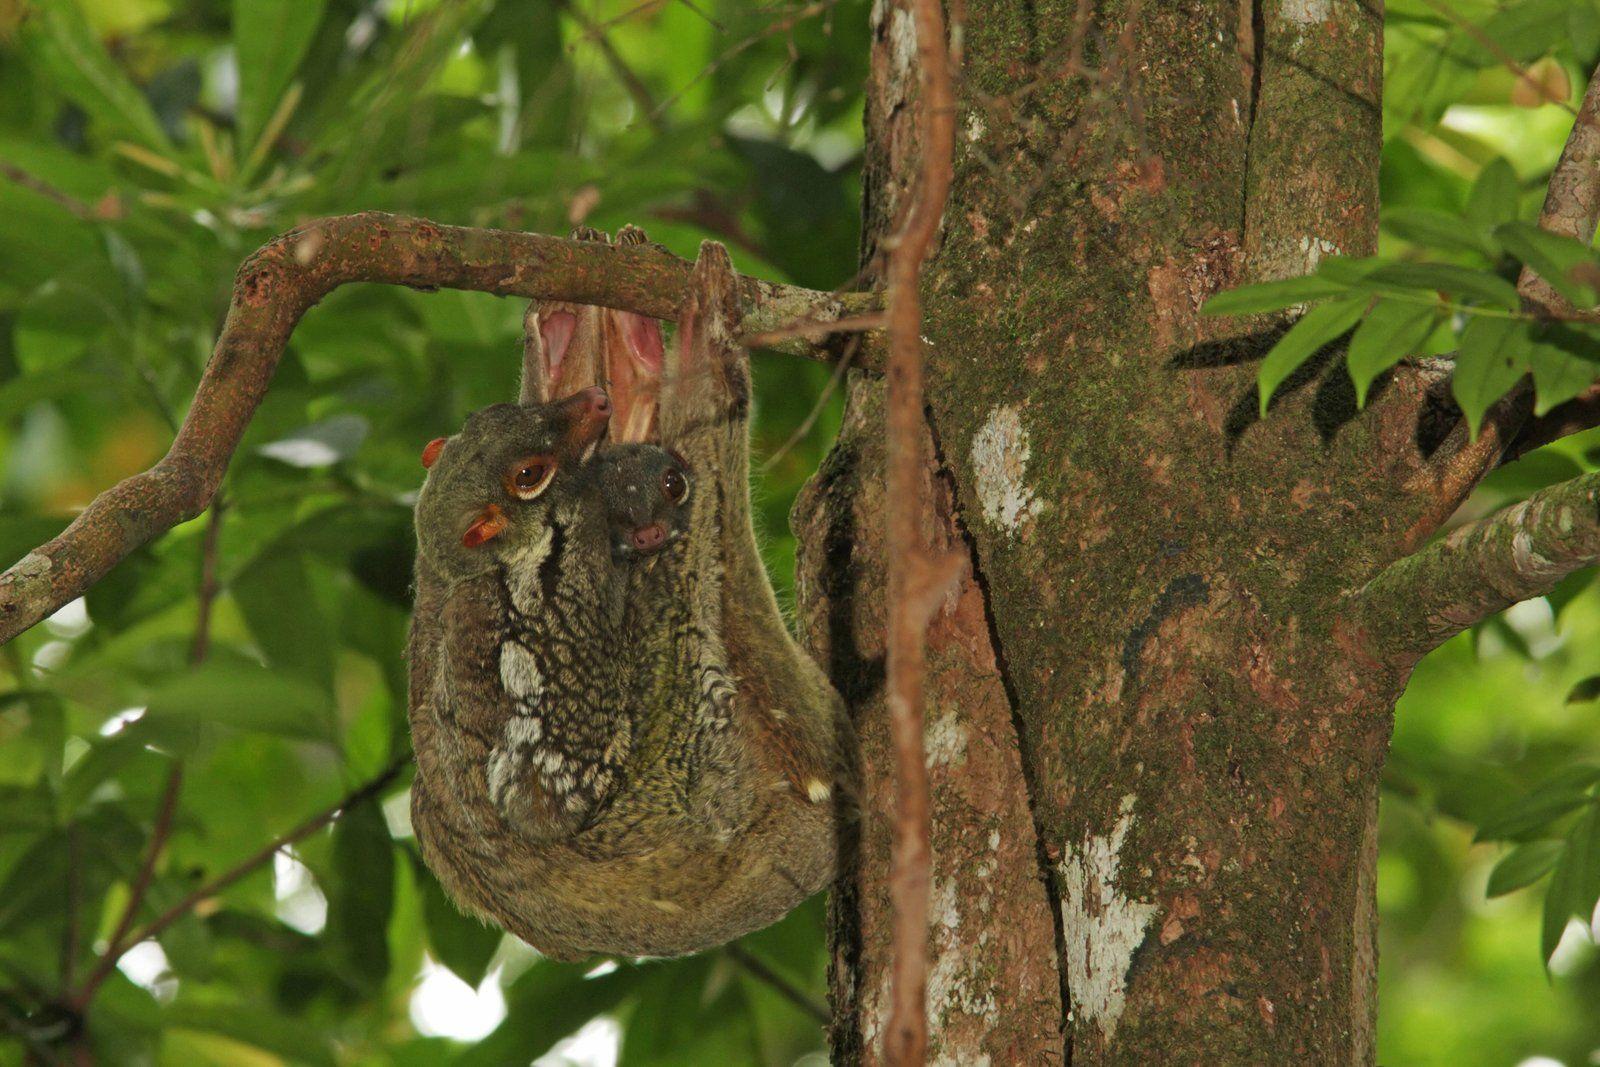 Malaien - Gleitflieger